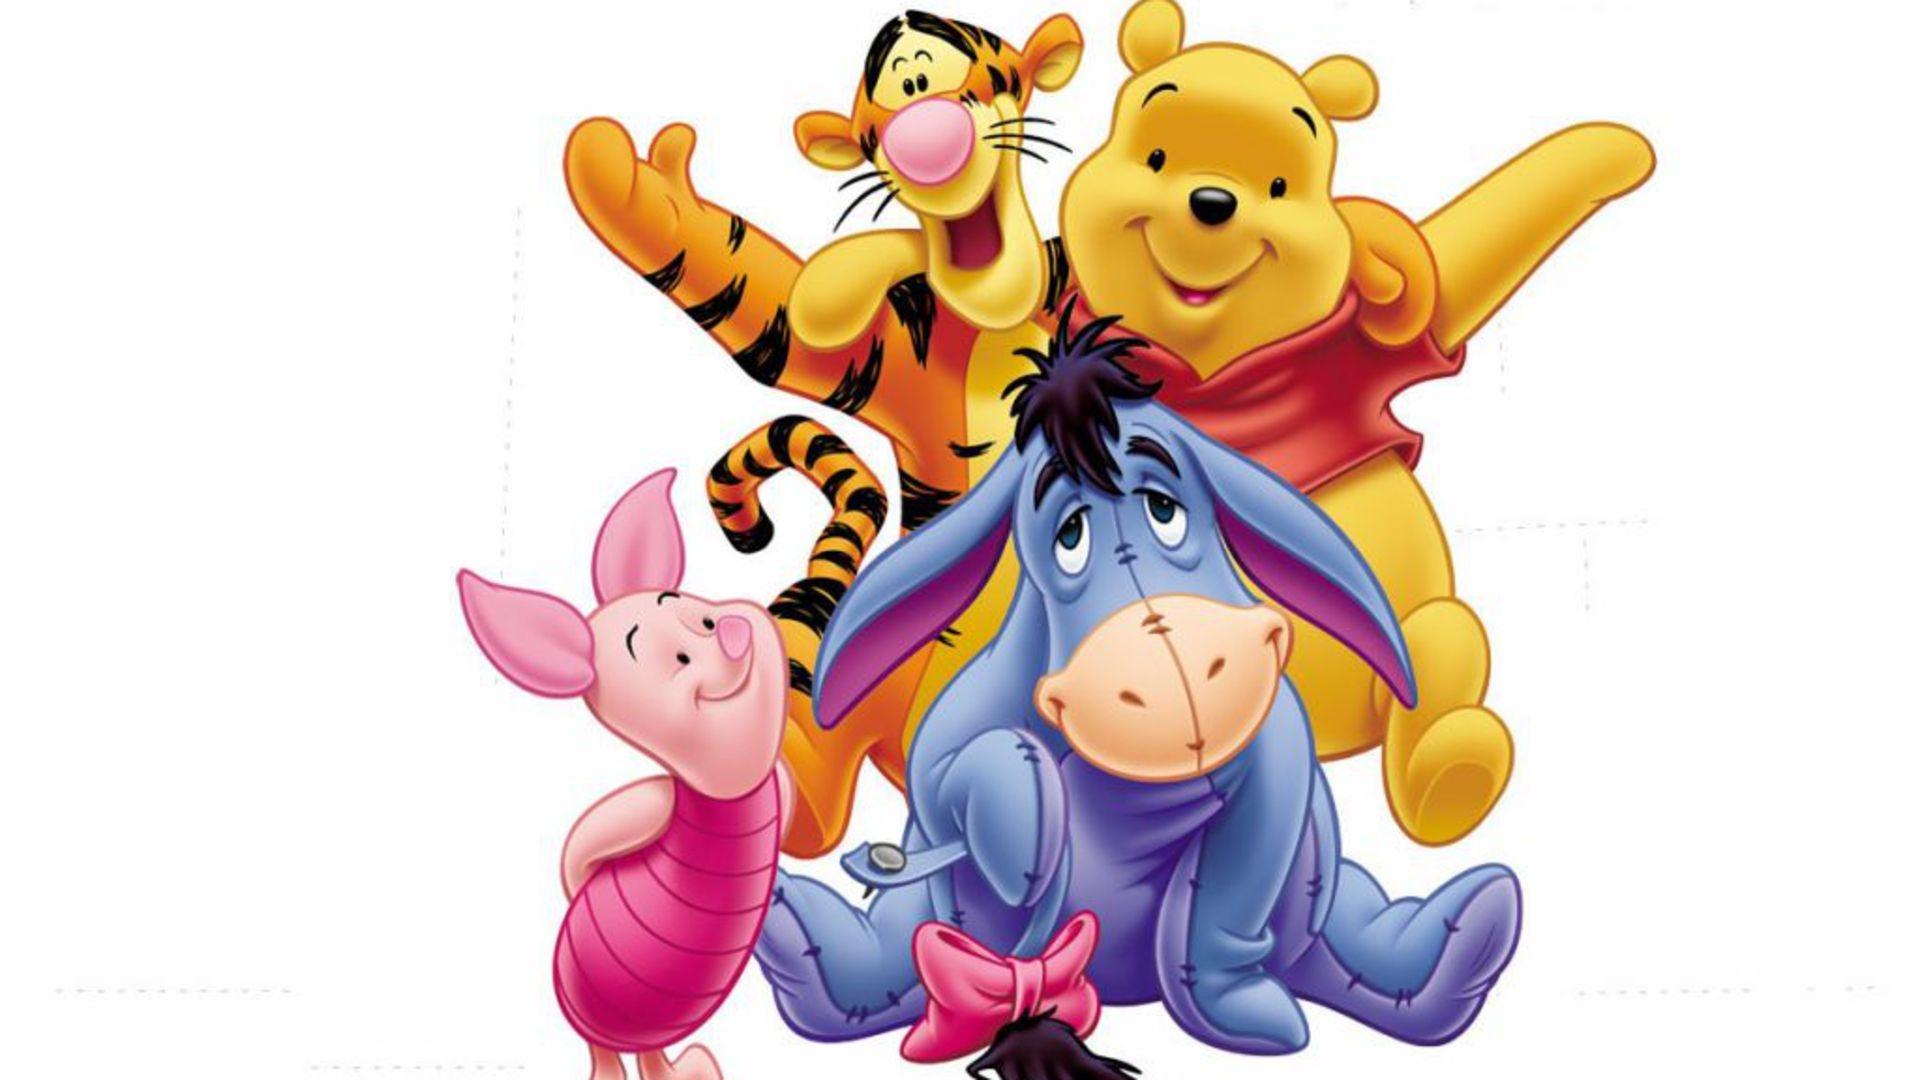 Free winnie the pooh wallpaper 19933 1920x1080 px hdwallsource free winnie the pooh wallpaper 19933 voltagebd Gallery